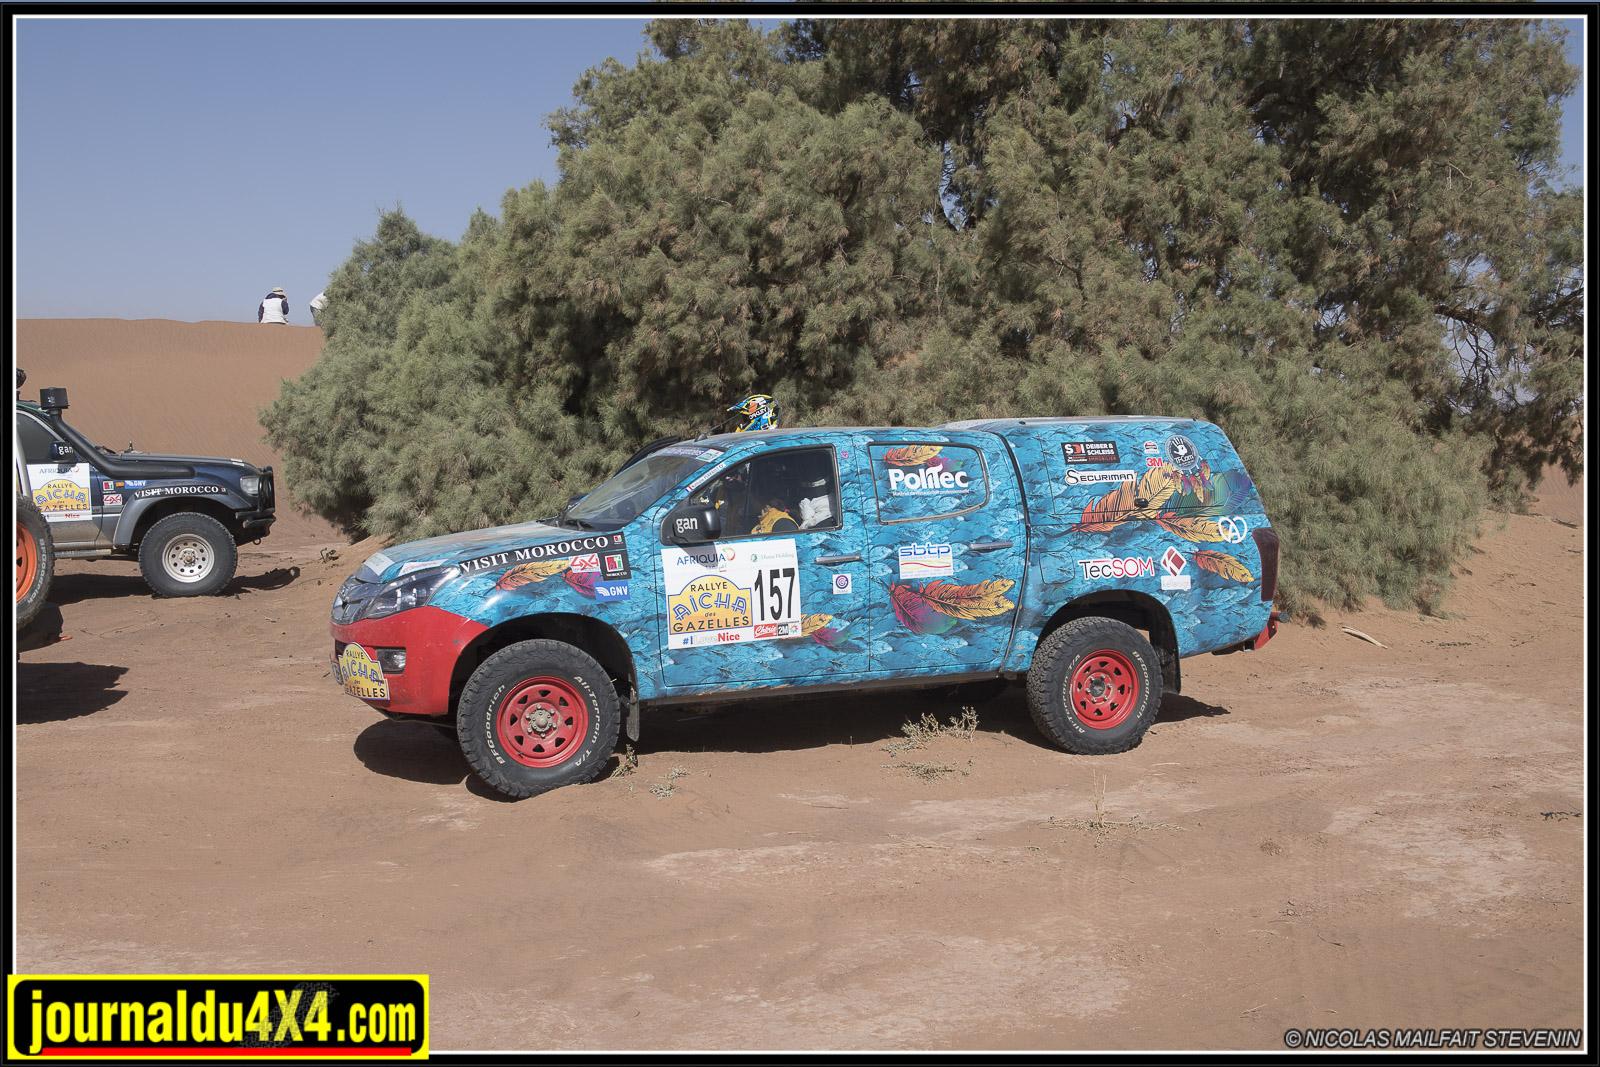 rallye-aicha-gazelles-maroc-2017-7150.jpg